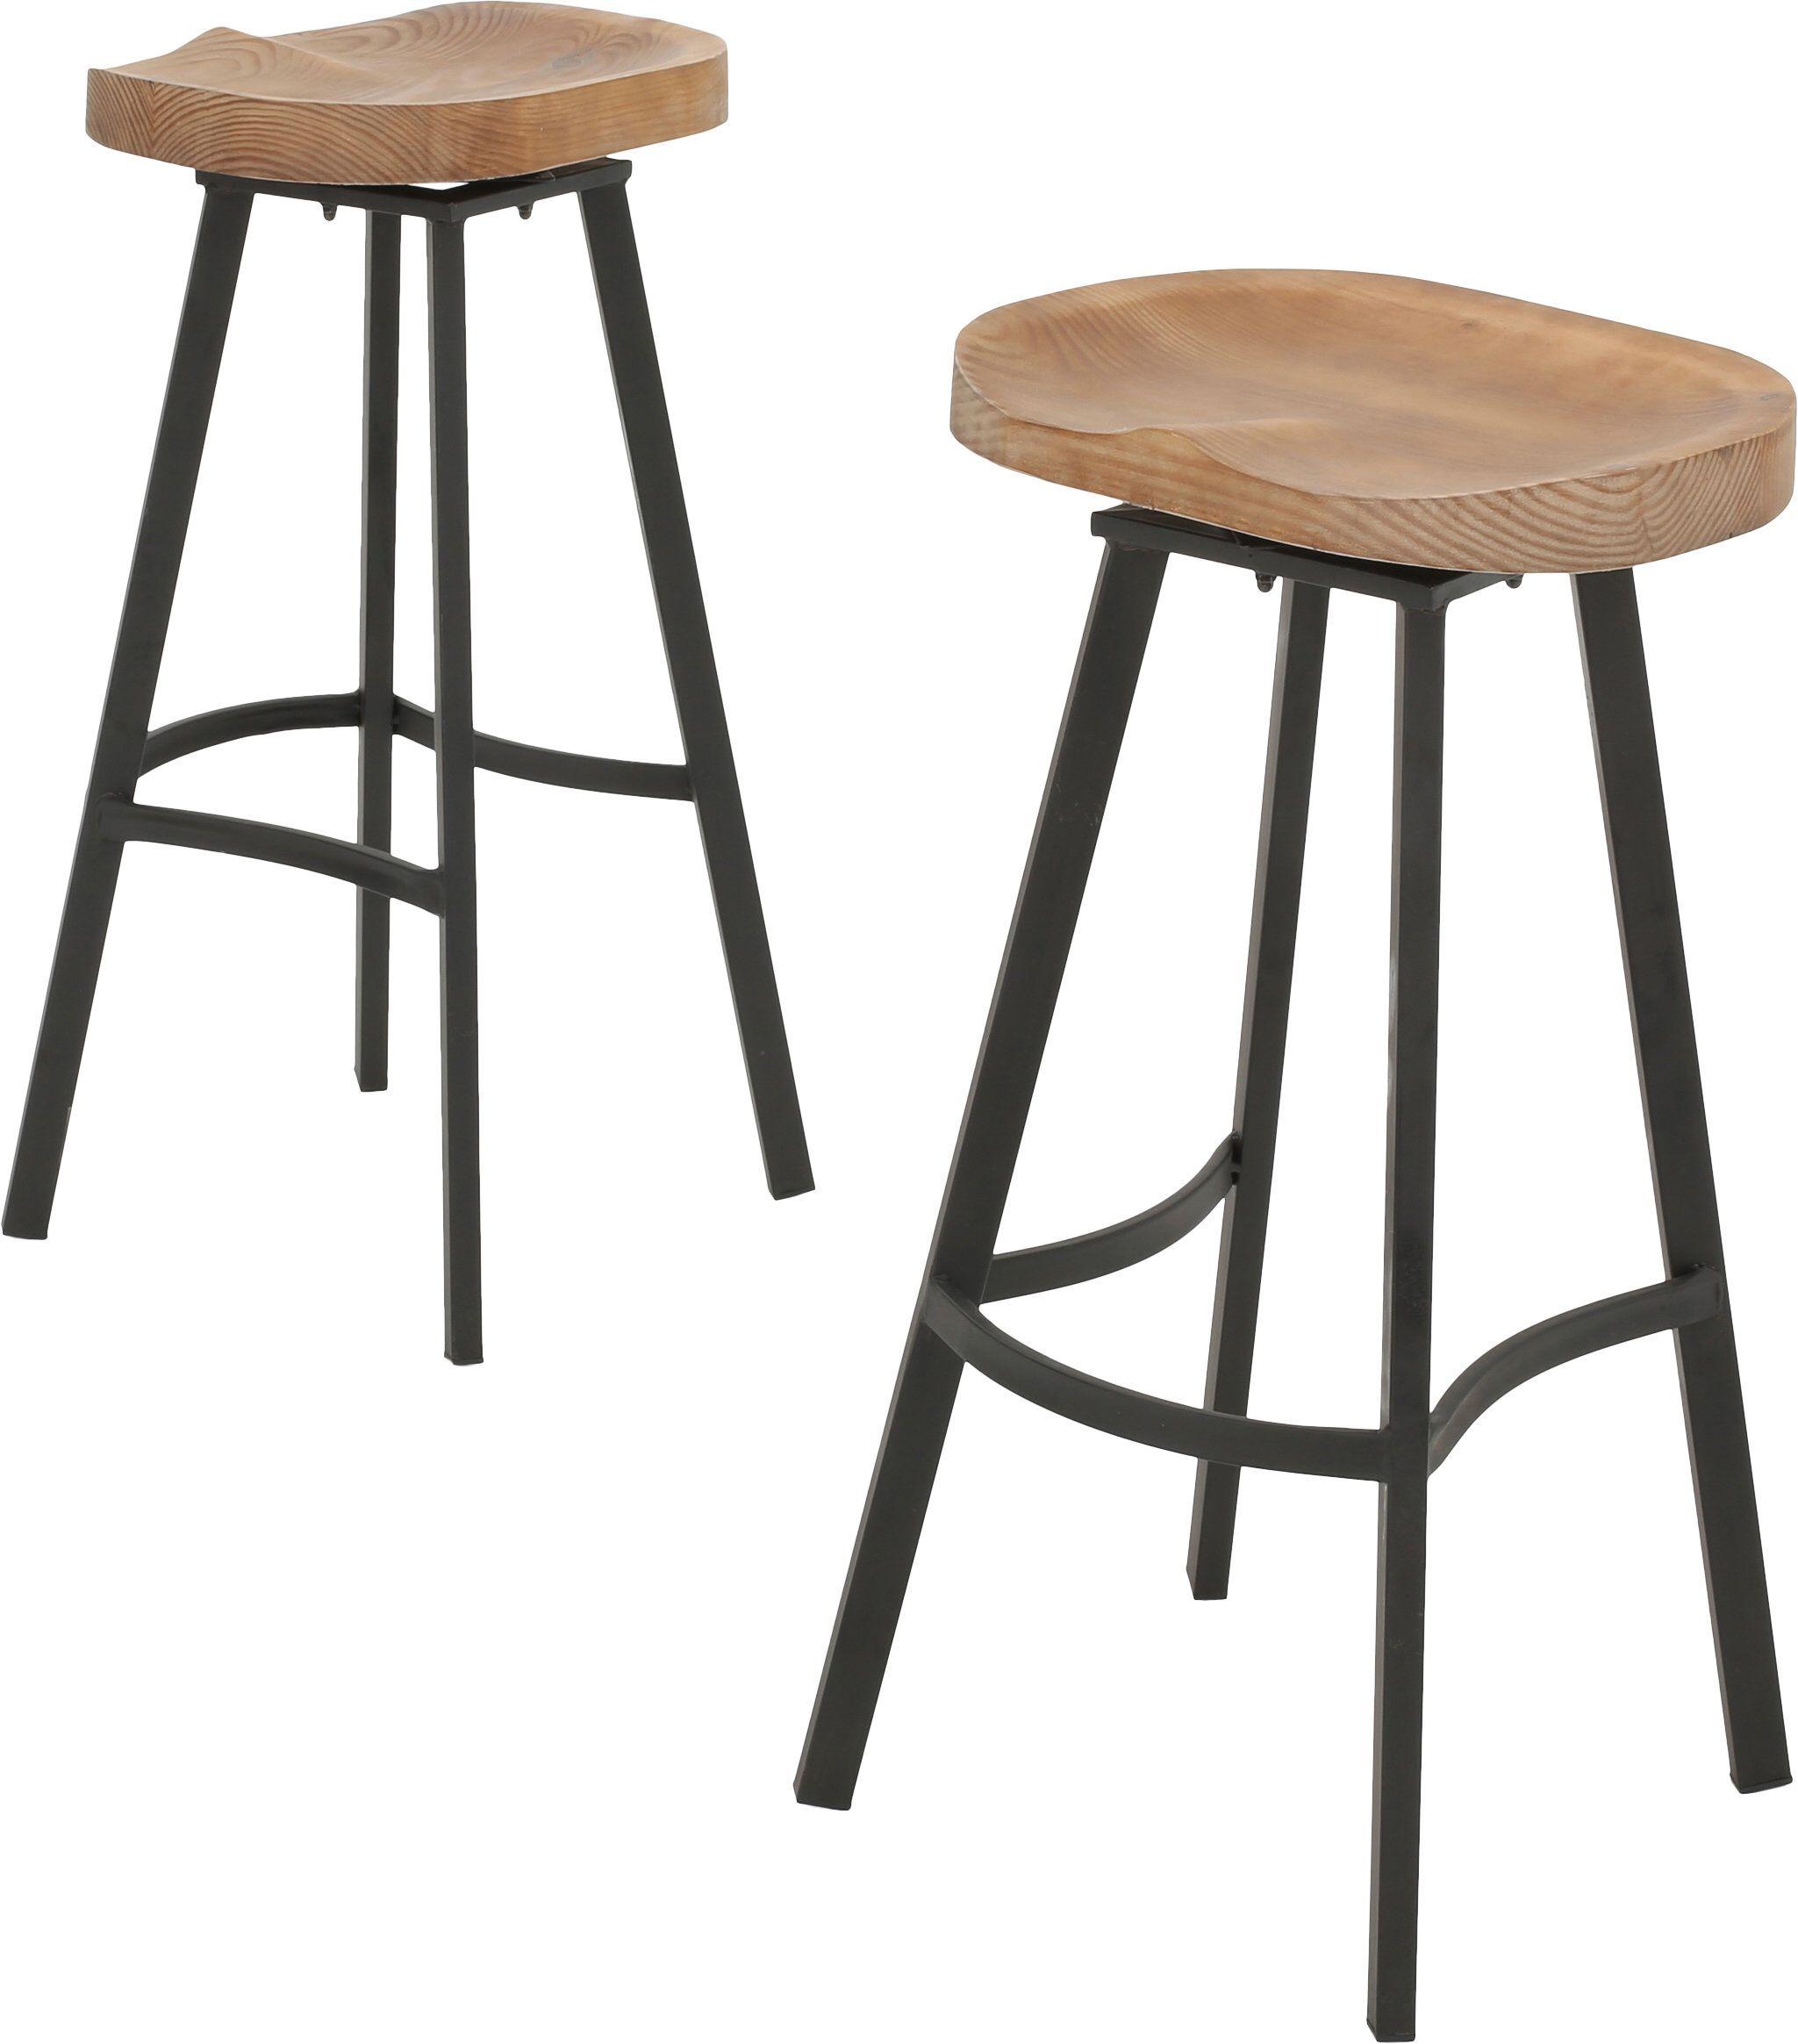 Lindquist Swivel Solid Wood 31 5 Bar Stool Swivel Bar Stools Farmhouse Bar Stools Bar Stools